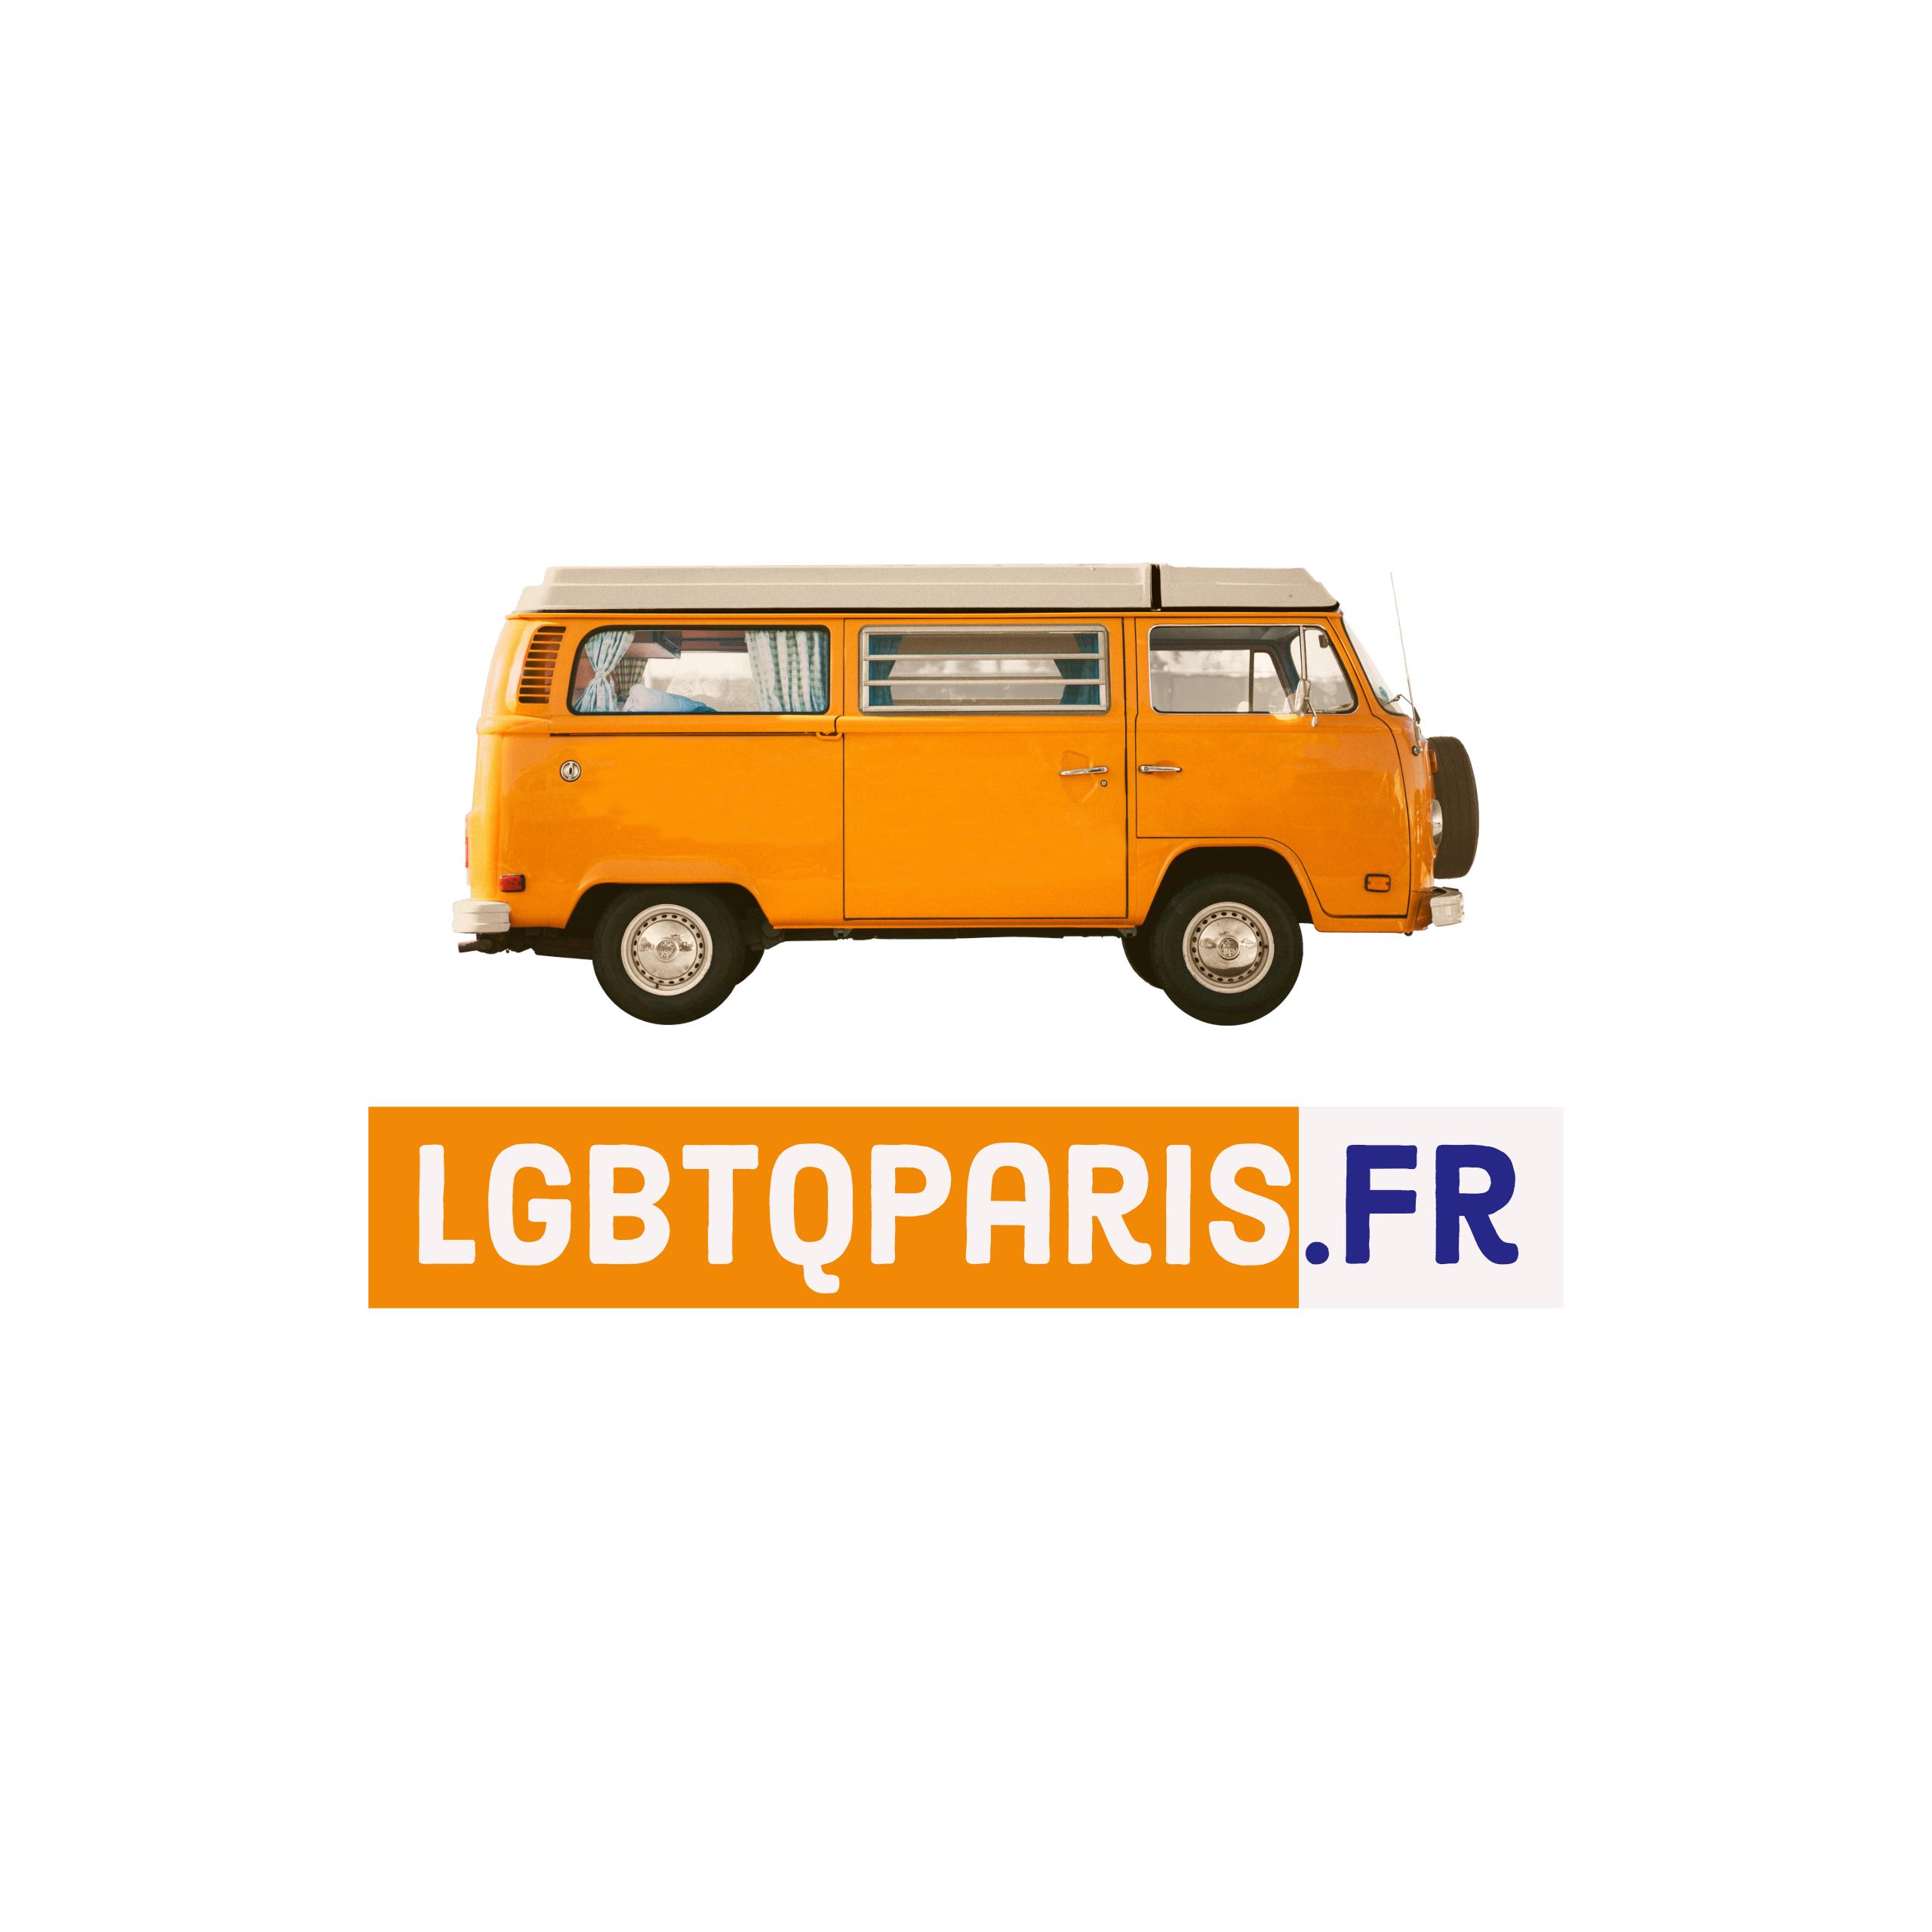 LGBTQ PARIS